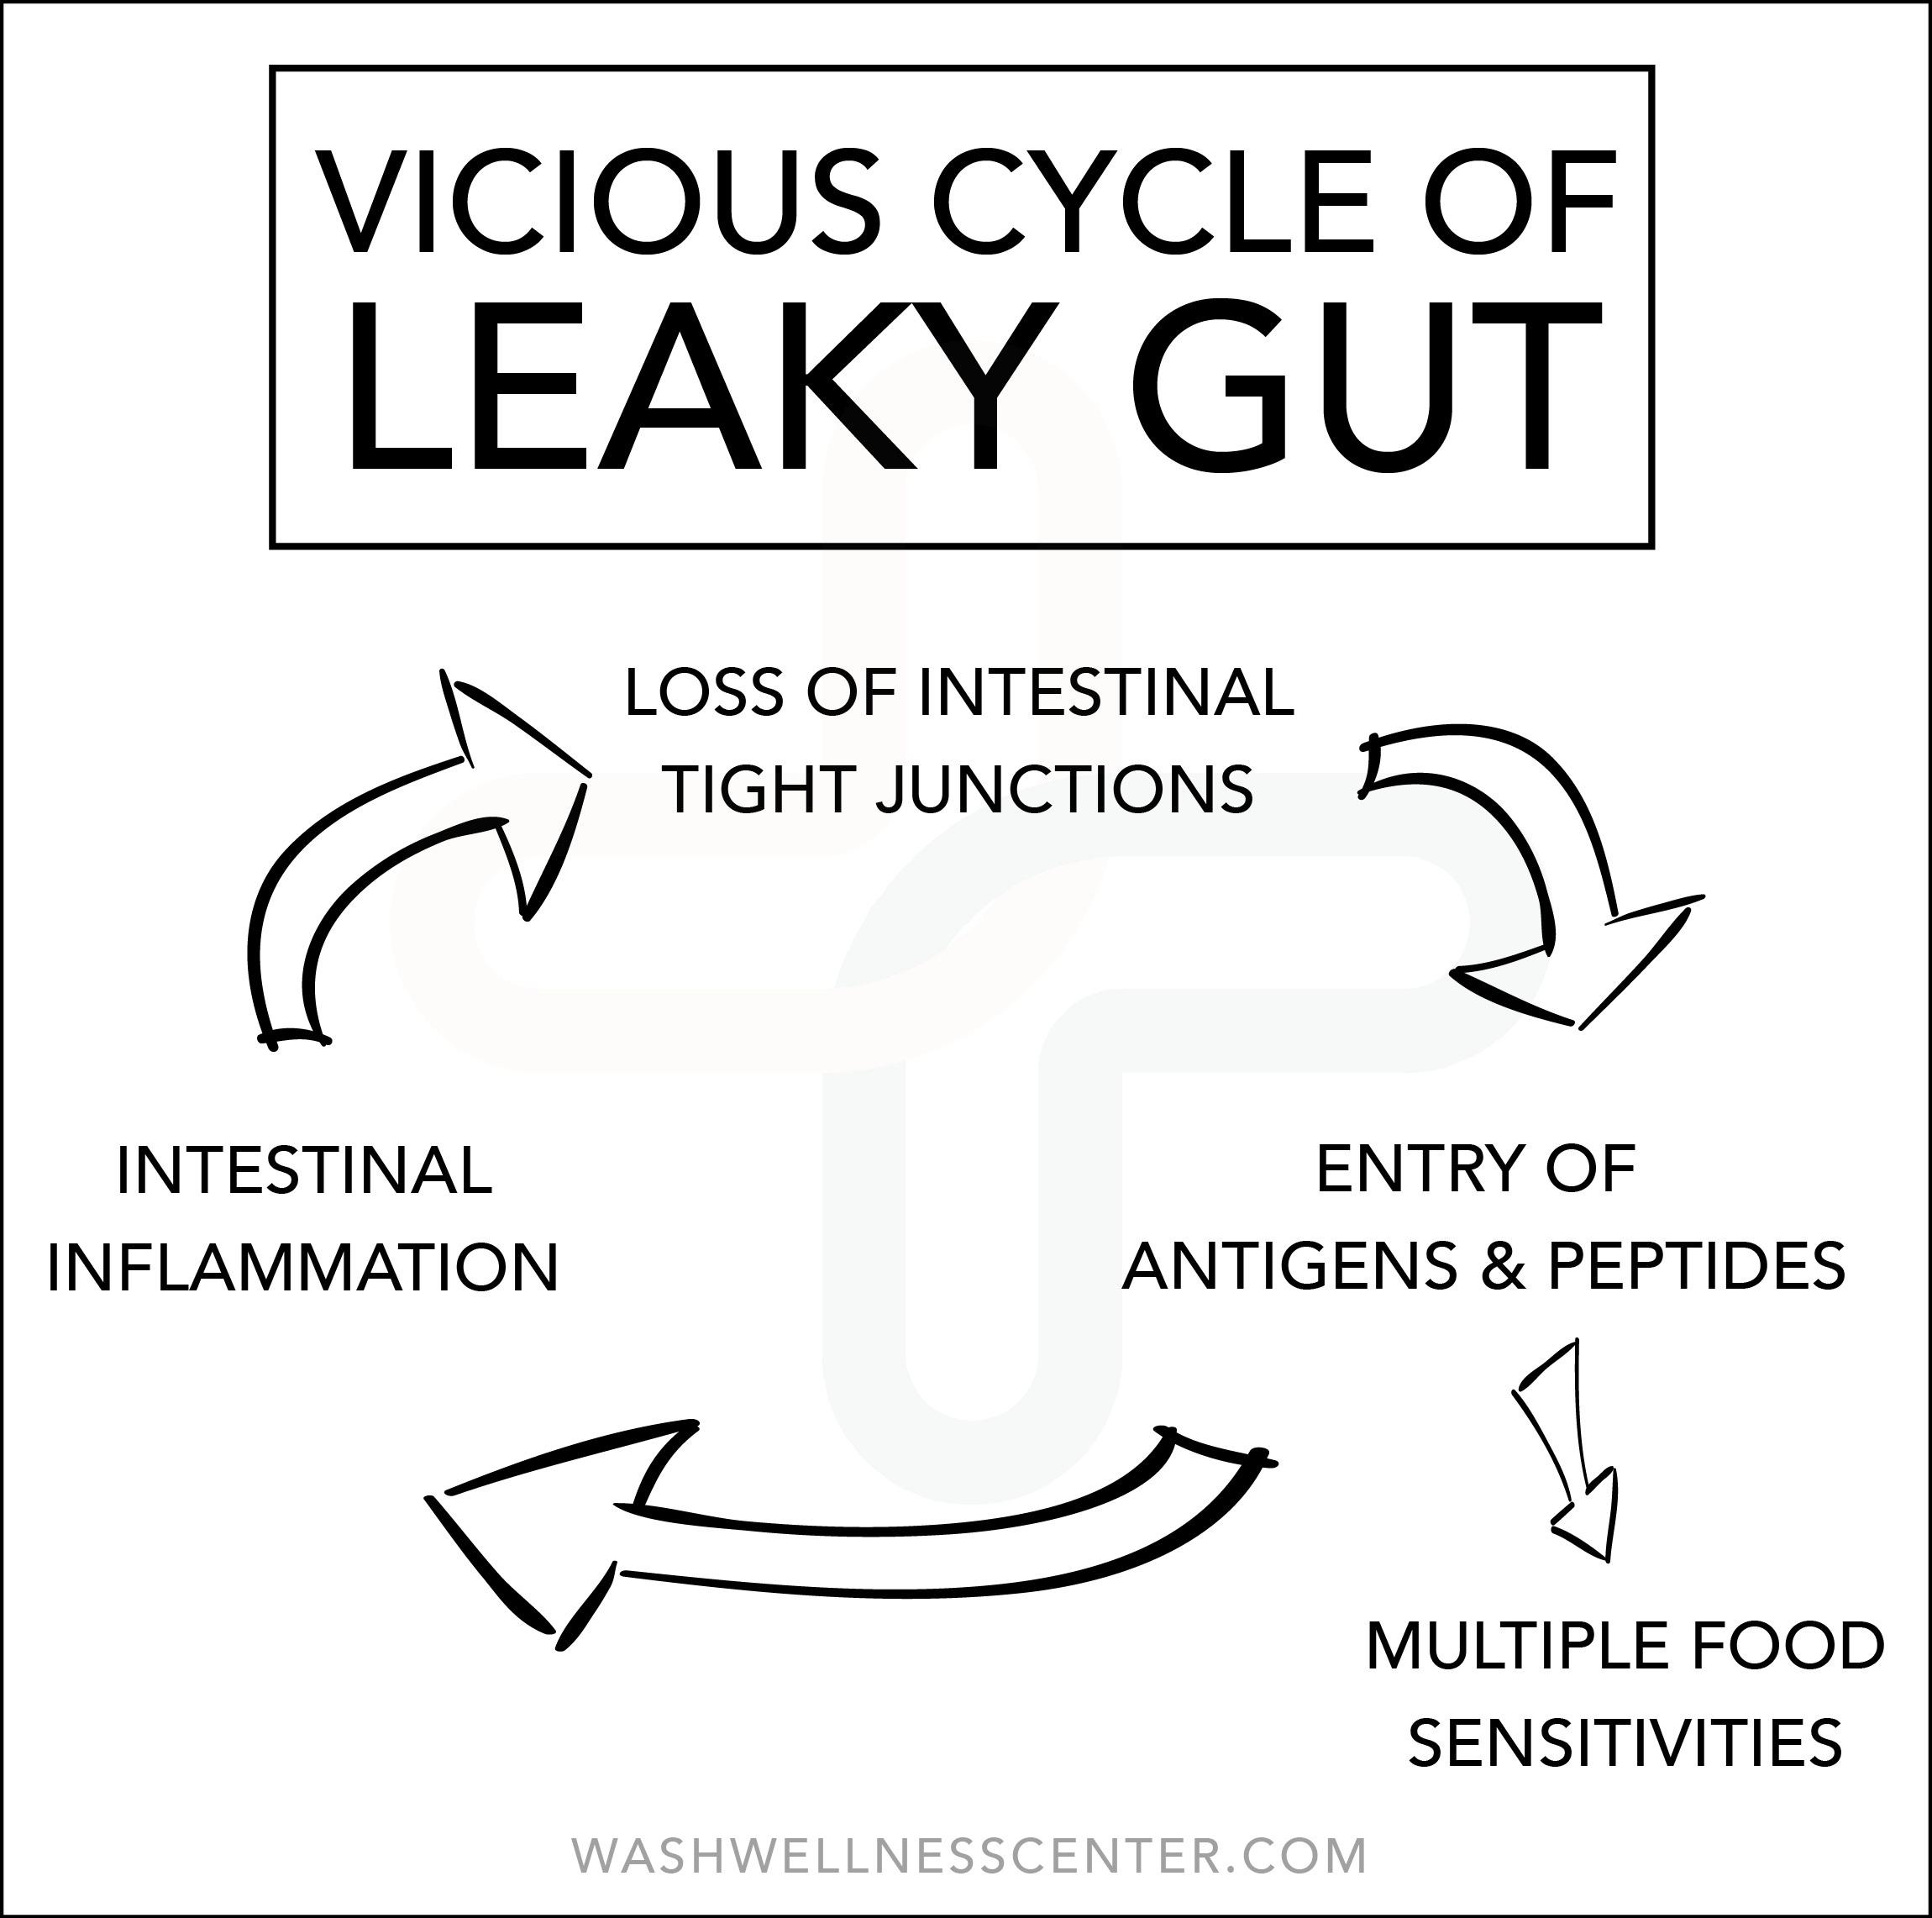 Leaky+Gut+Cycle.jpg